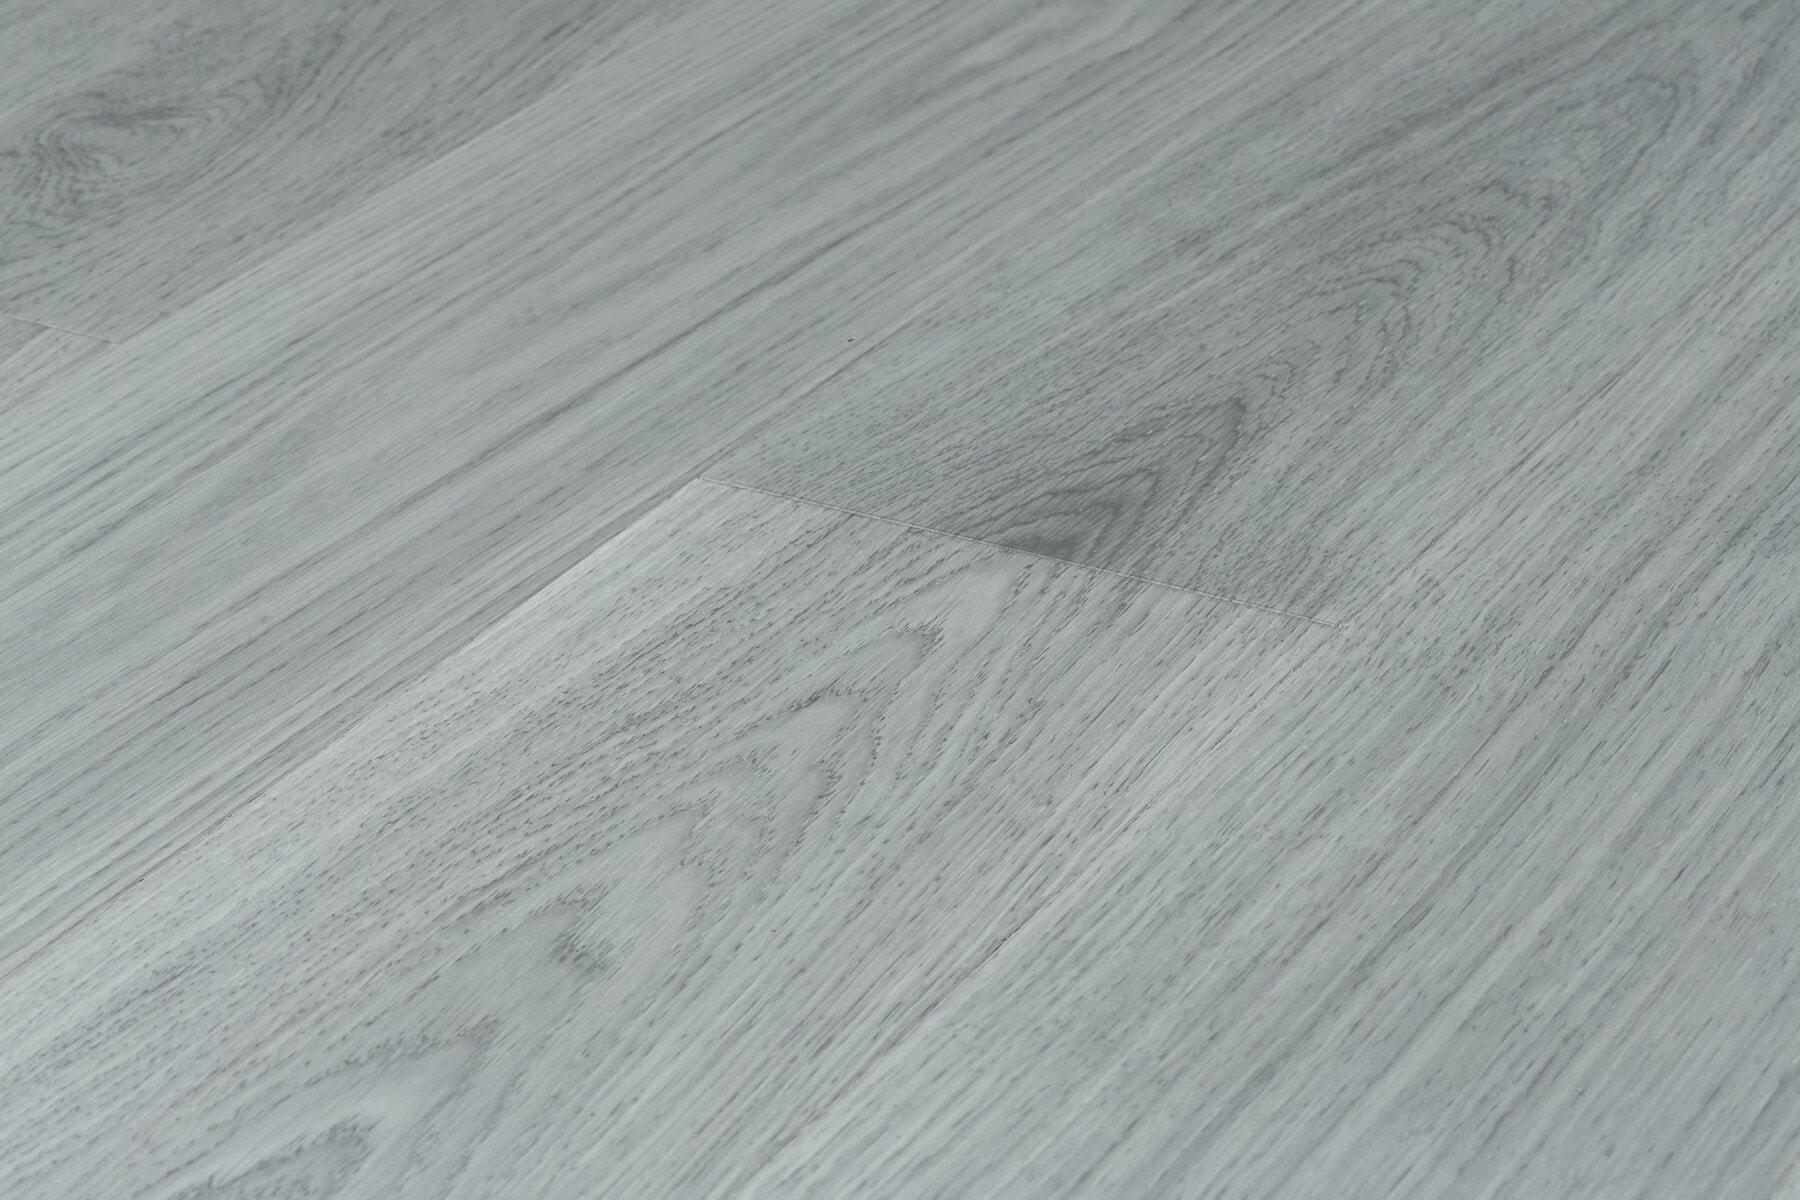 сірий, Дошки терасові, листяних порід, поверхня, гладка, панелі, Текстура, підлоги, візерунок, порожній